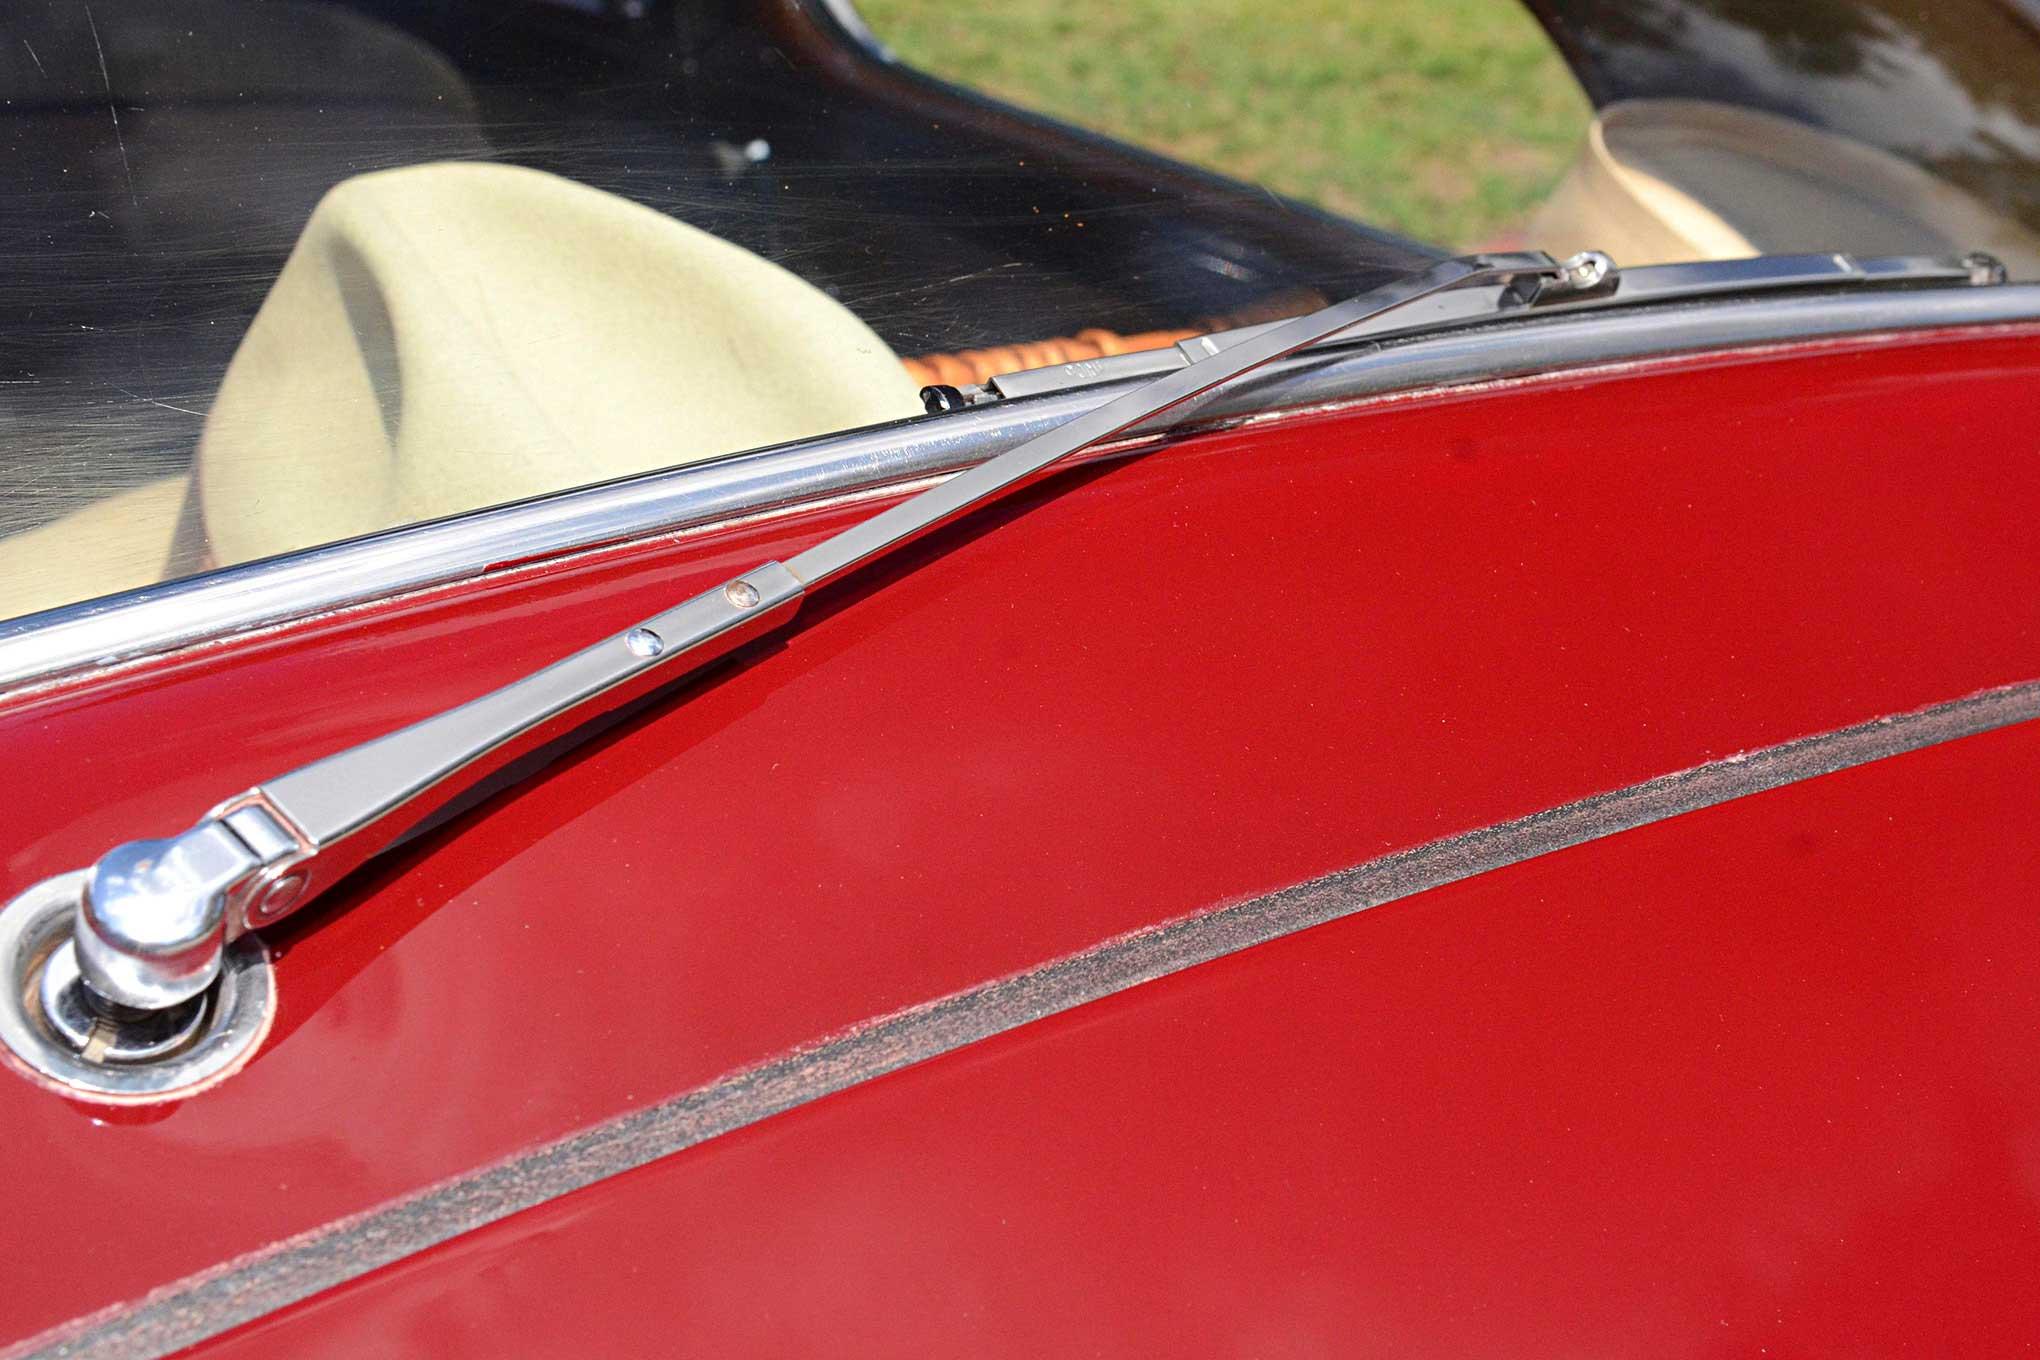 1948 Chevrolet Fleetline Rear Wiper